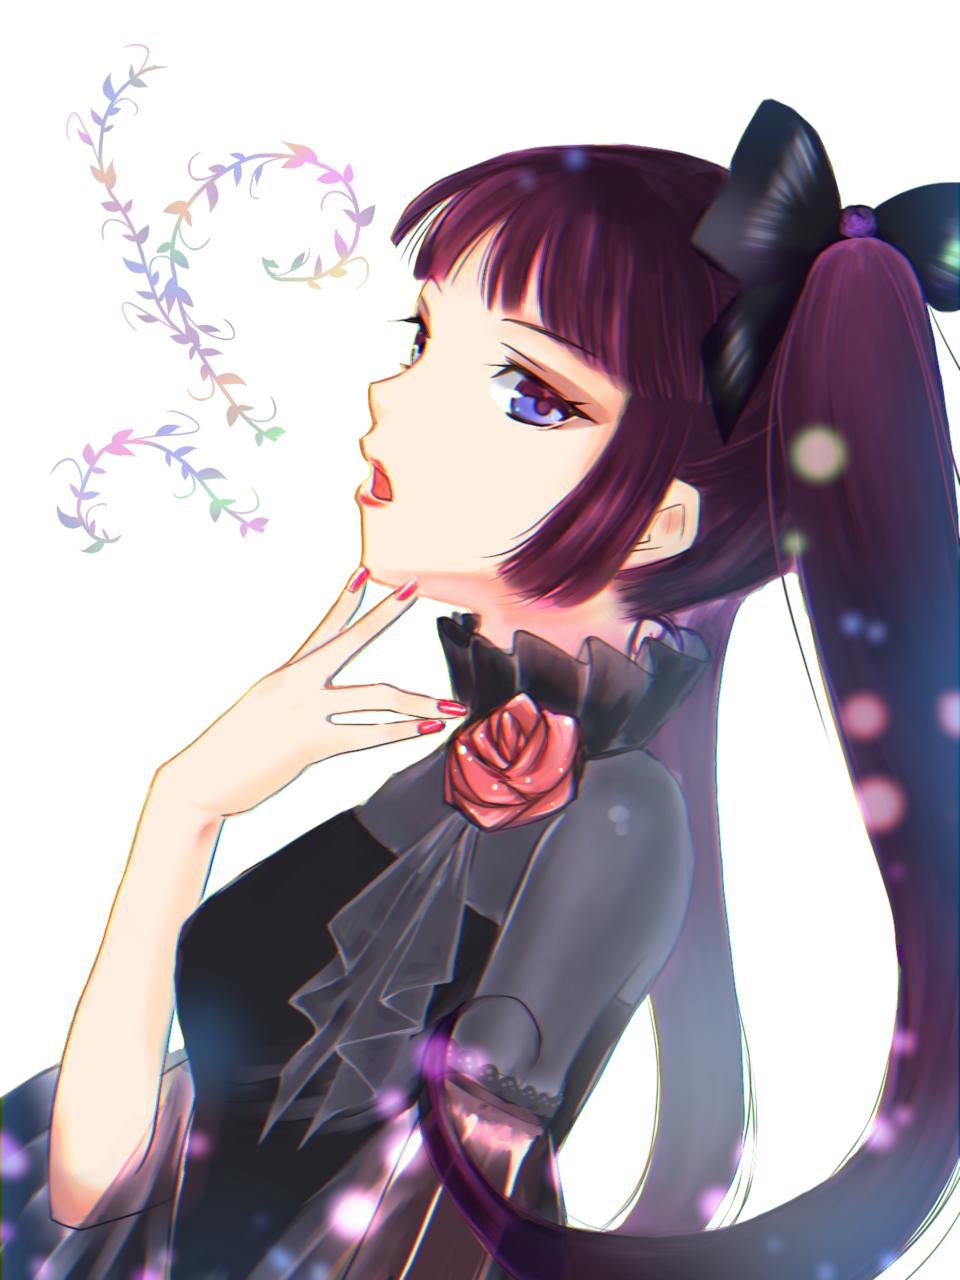 歌声 Illust of 亥喪子 ロリータ girl oc original gothic